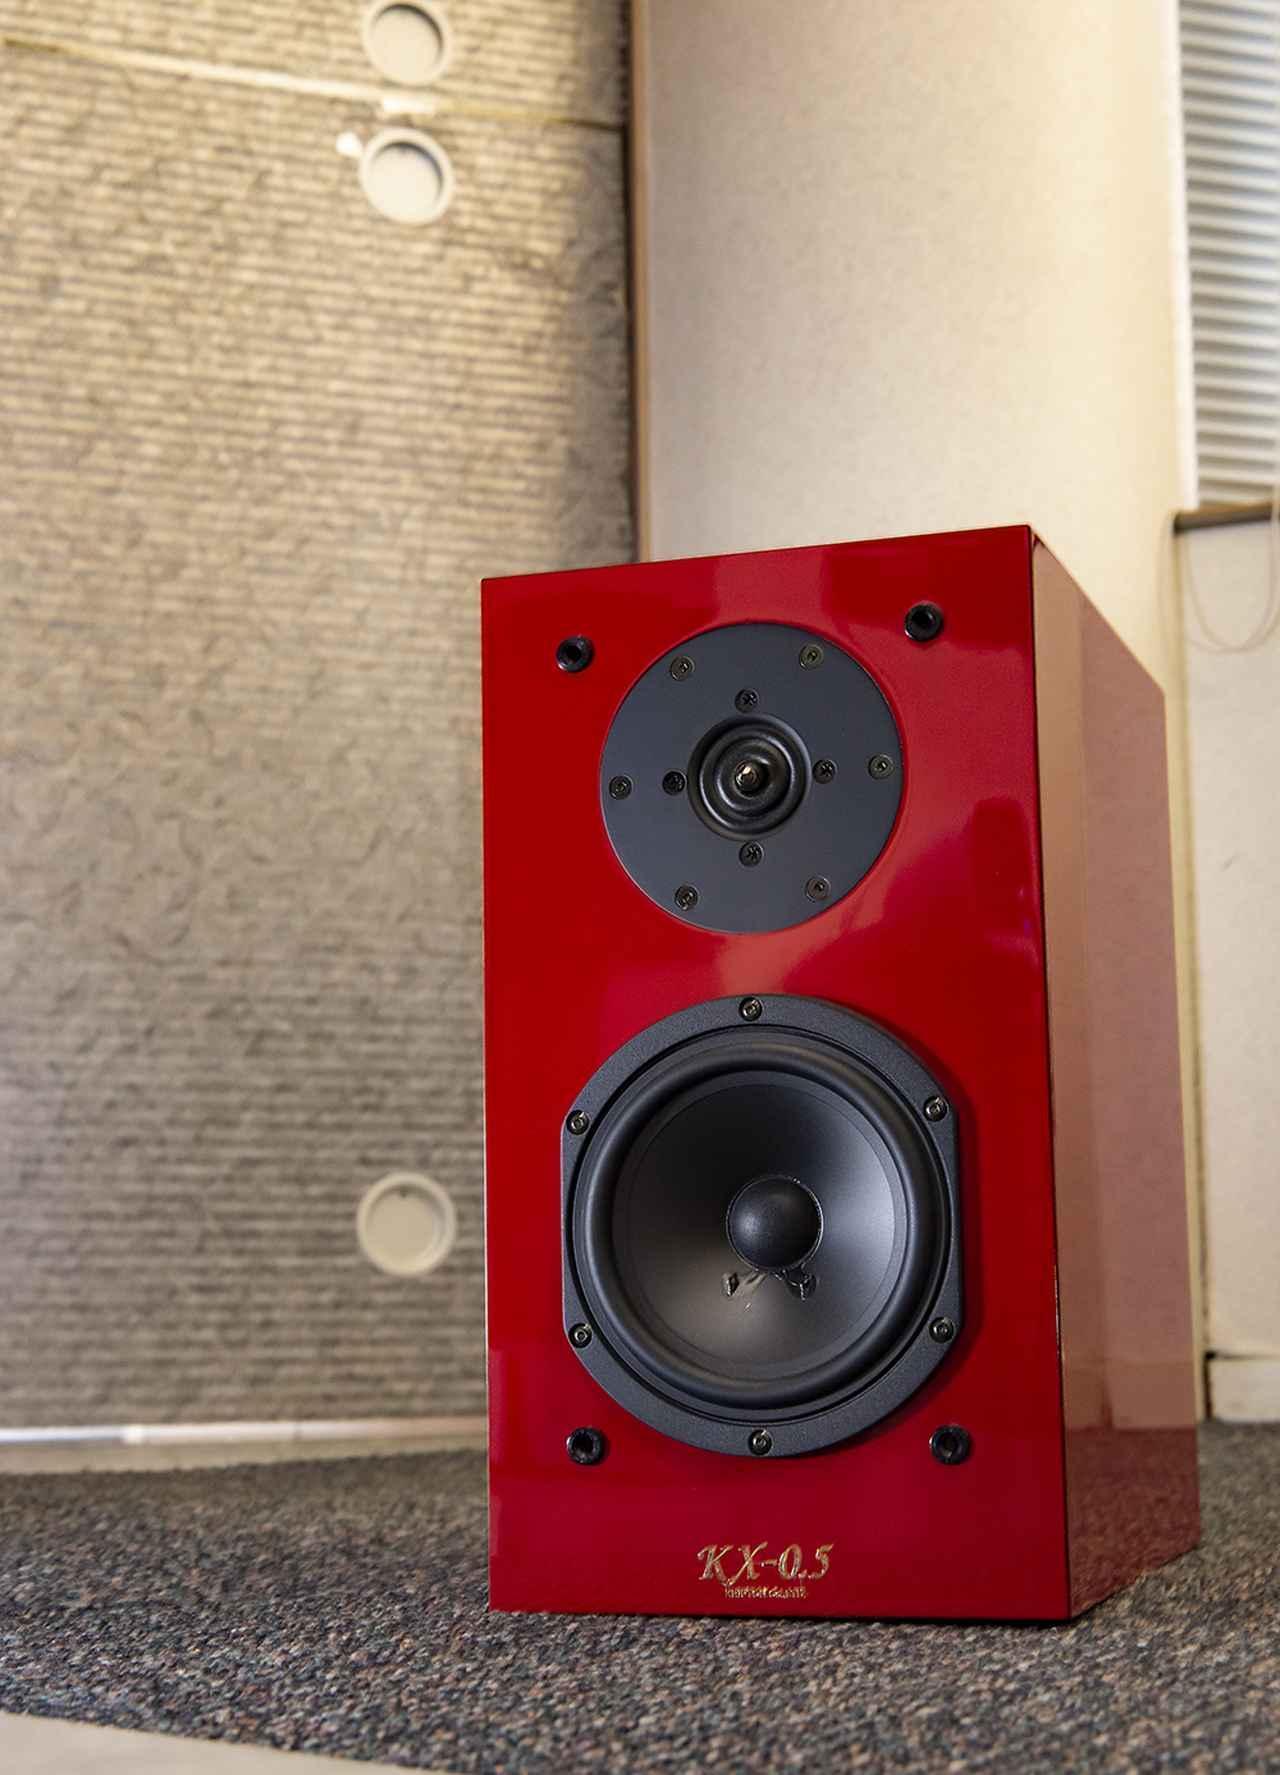 画像: クリプトンKX-0.5UR/UB、圧倒的魅力を訴求する漆仕上げの真髄 - Stereo Sound ONLINE